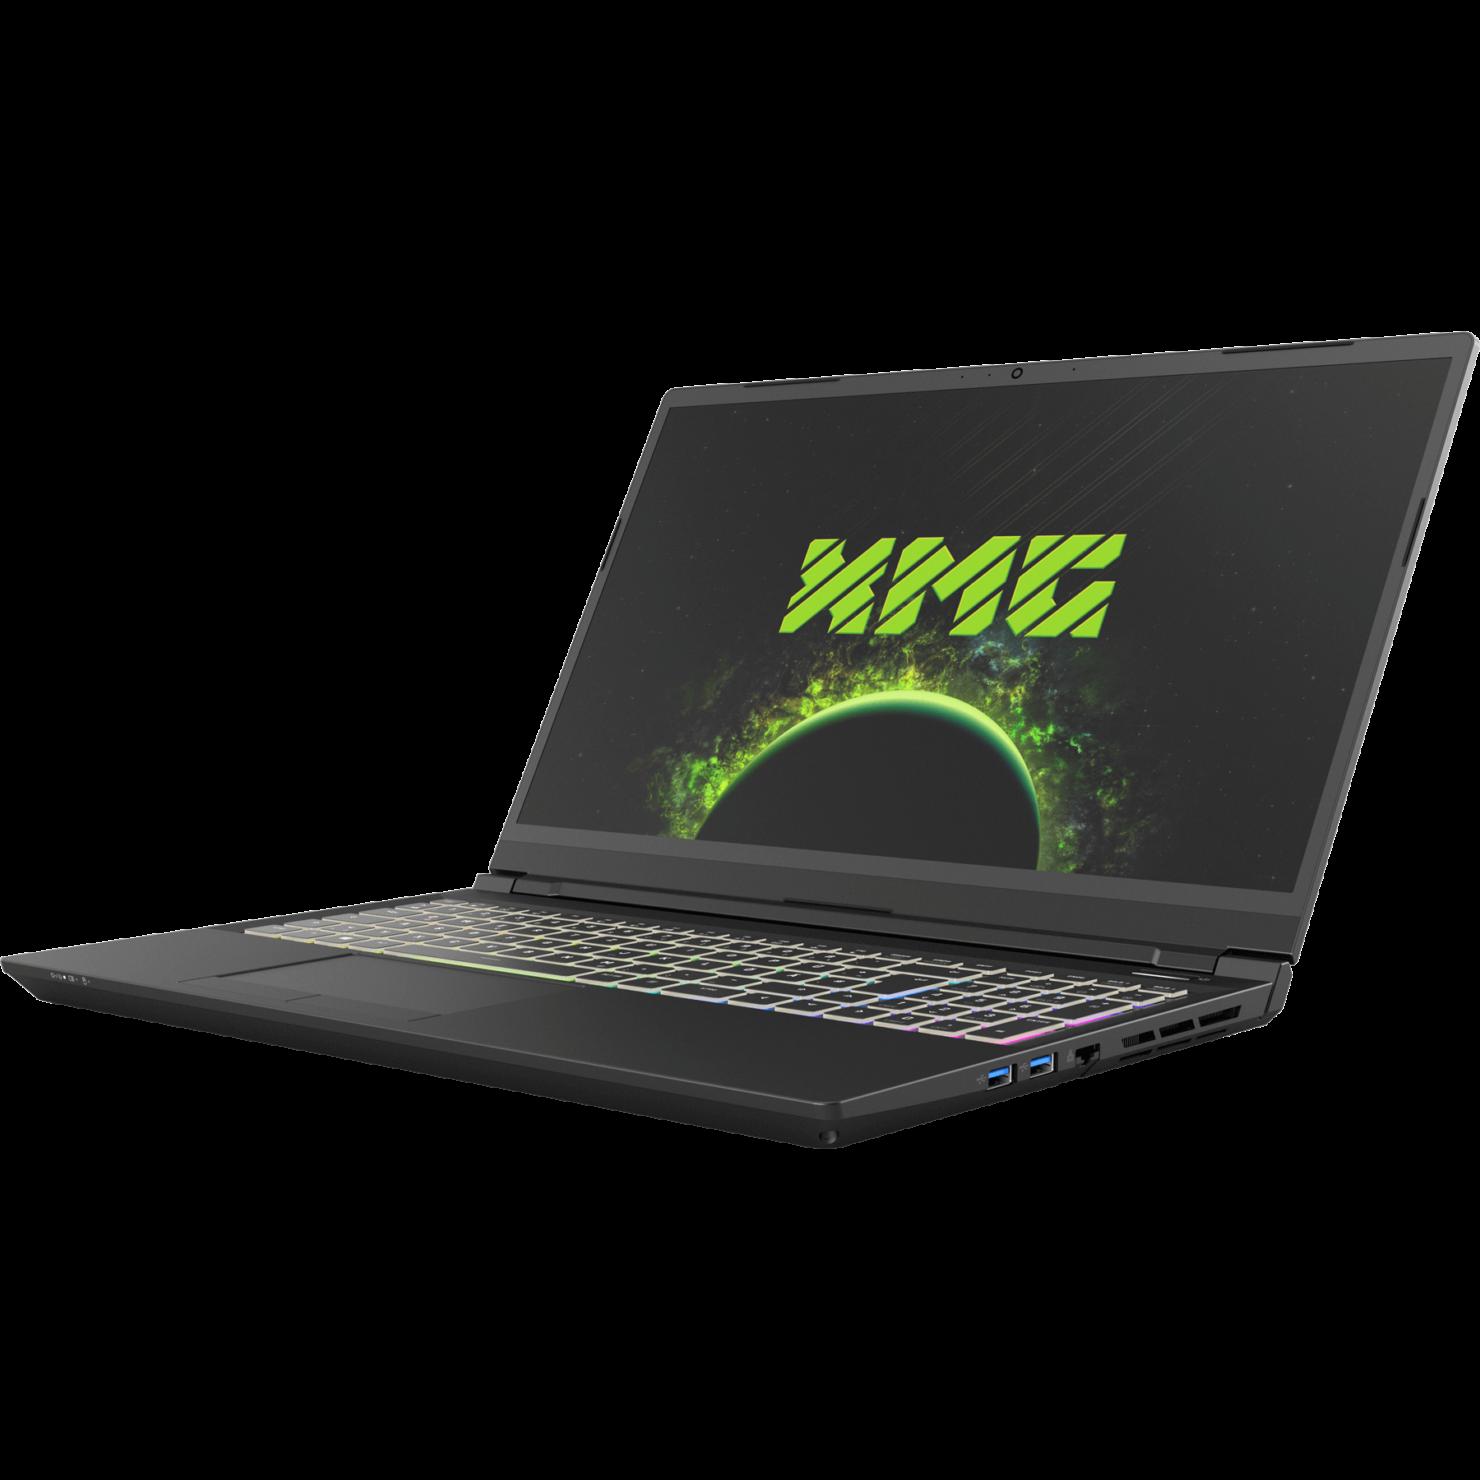 xmg-pro-15-l21-18